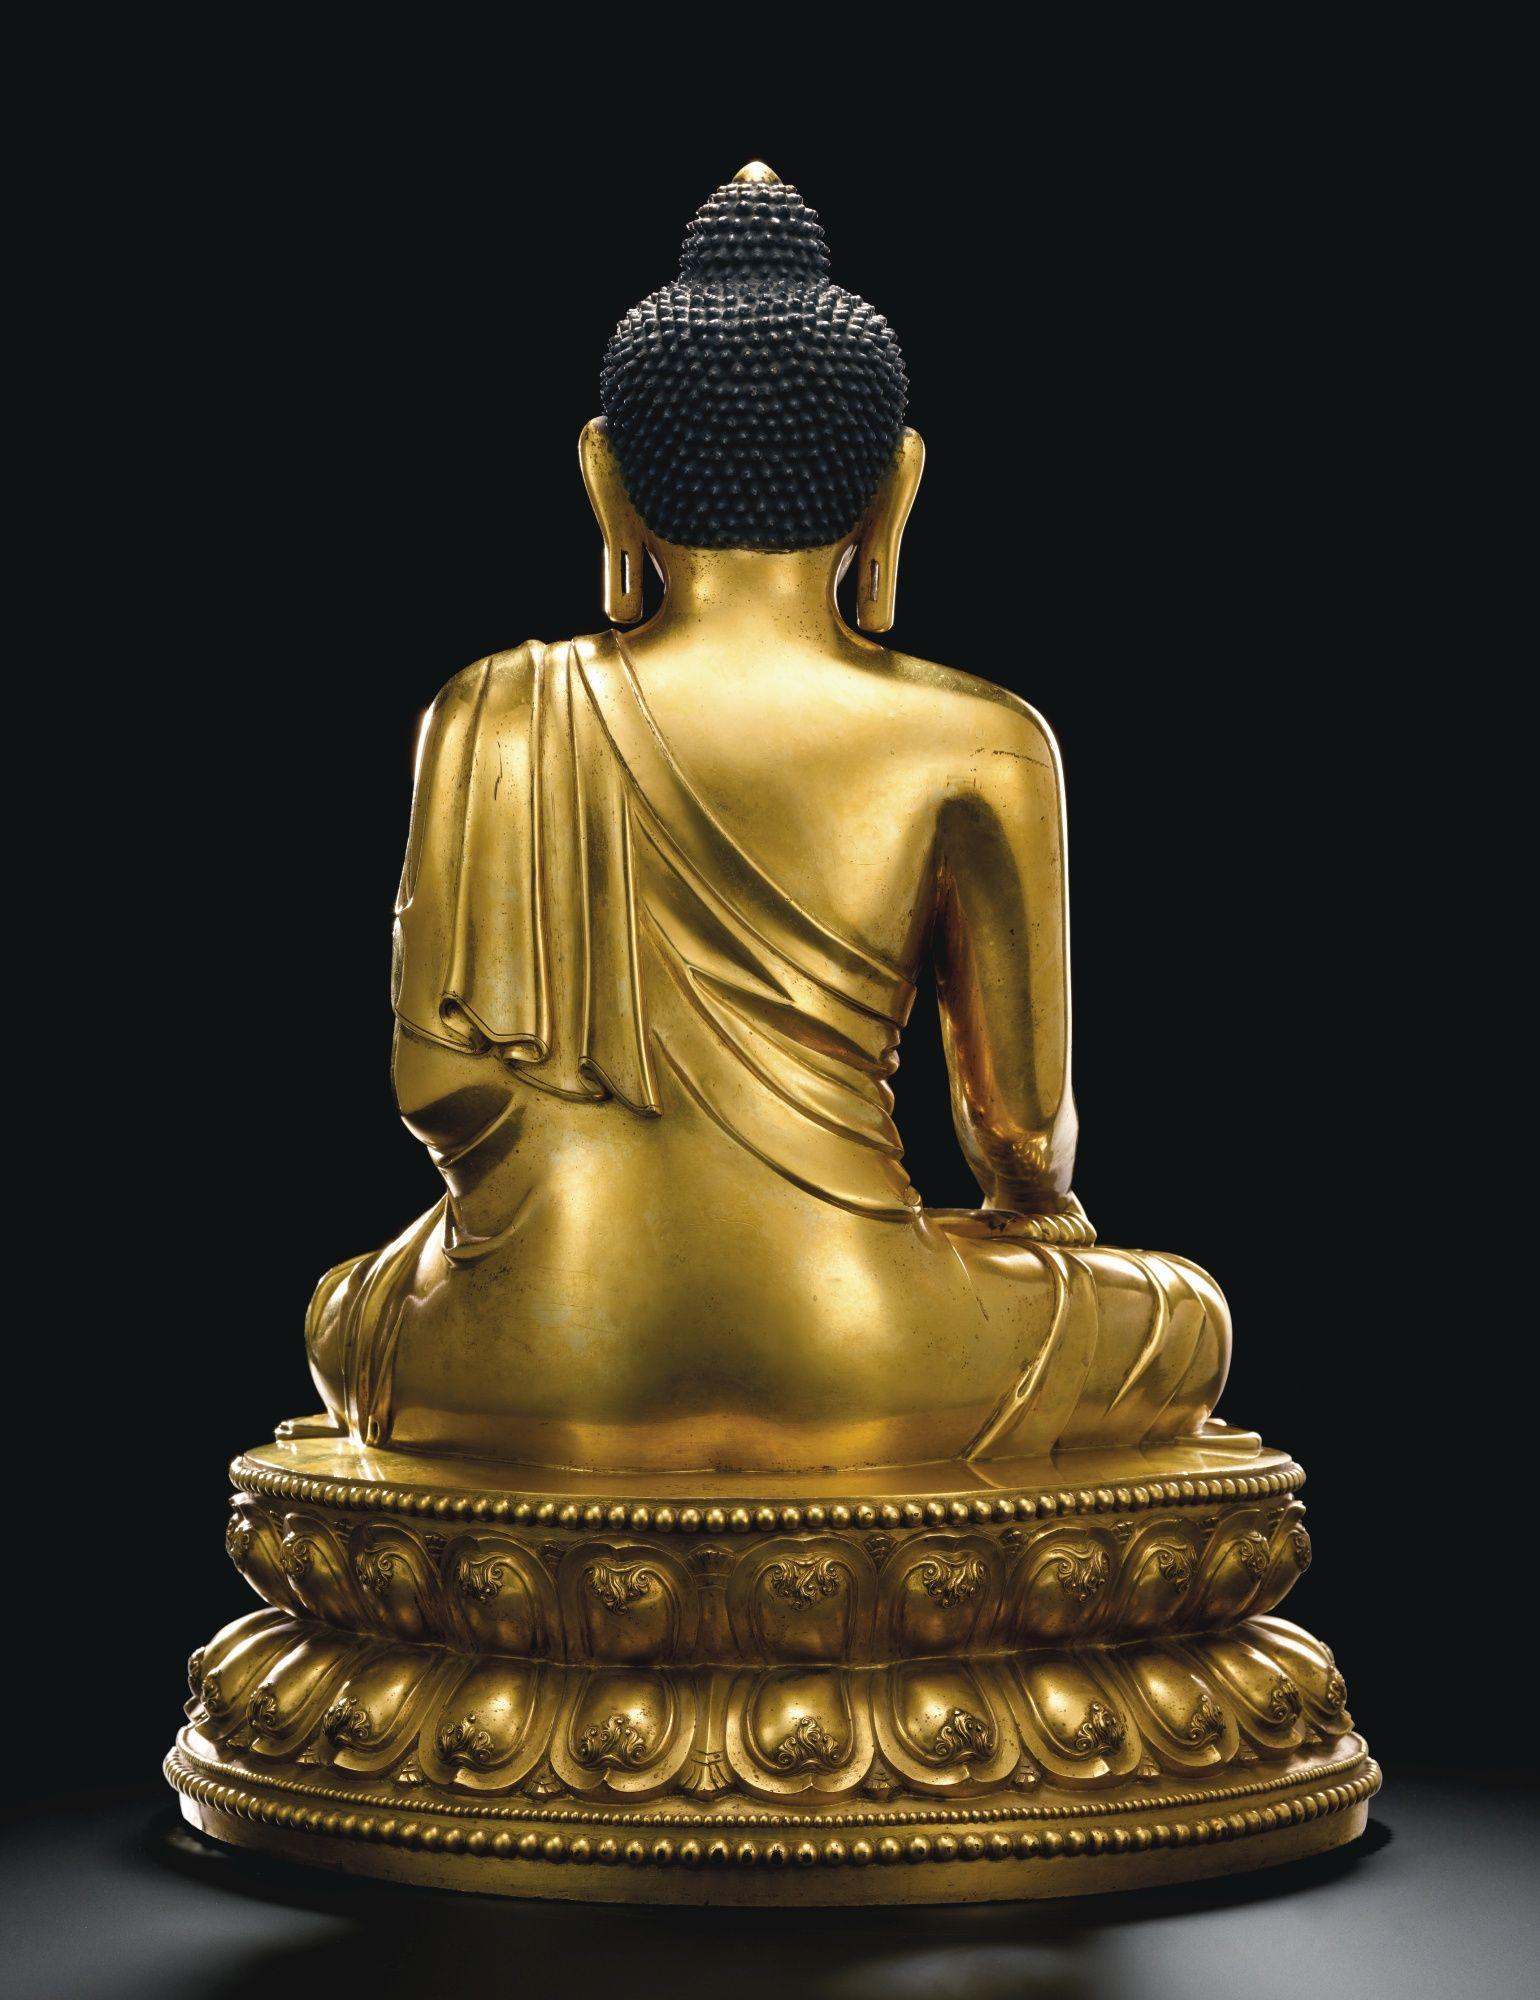 明永樂 鎏金銅釋迦牟尼佛坐像<br>《大明永樂年施》款 | Lot | Sotheby's